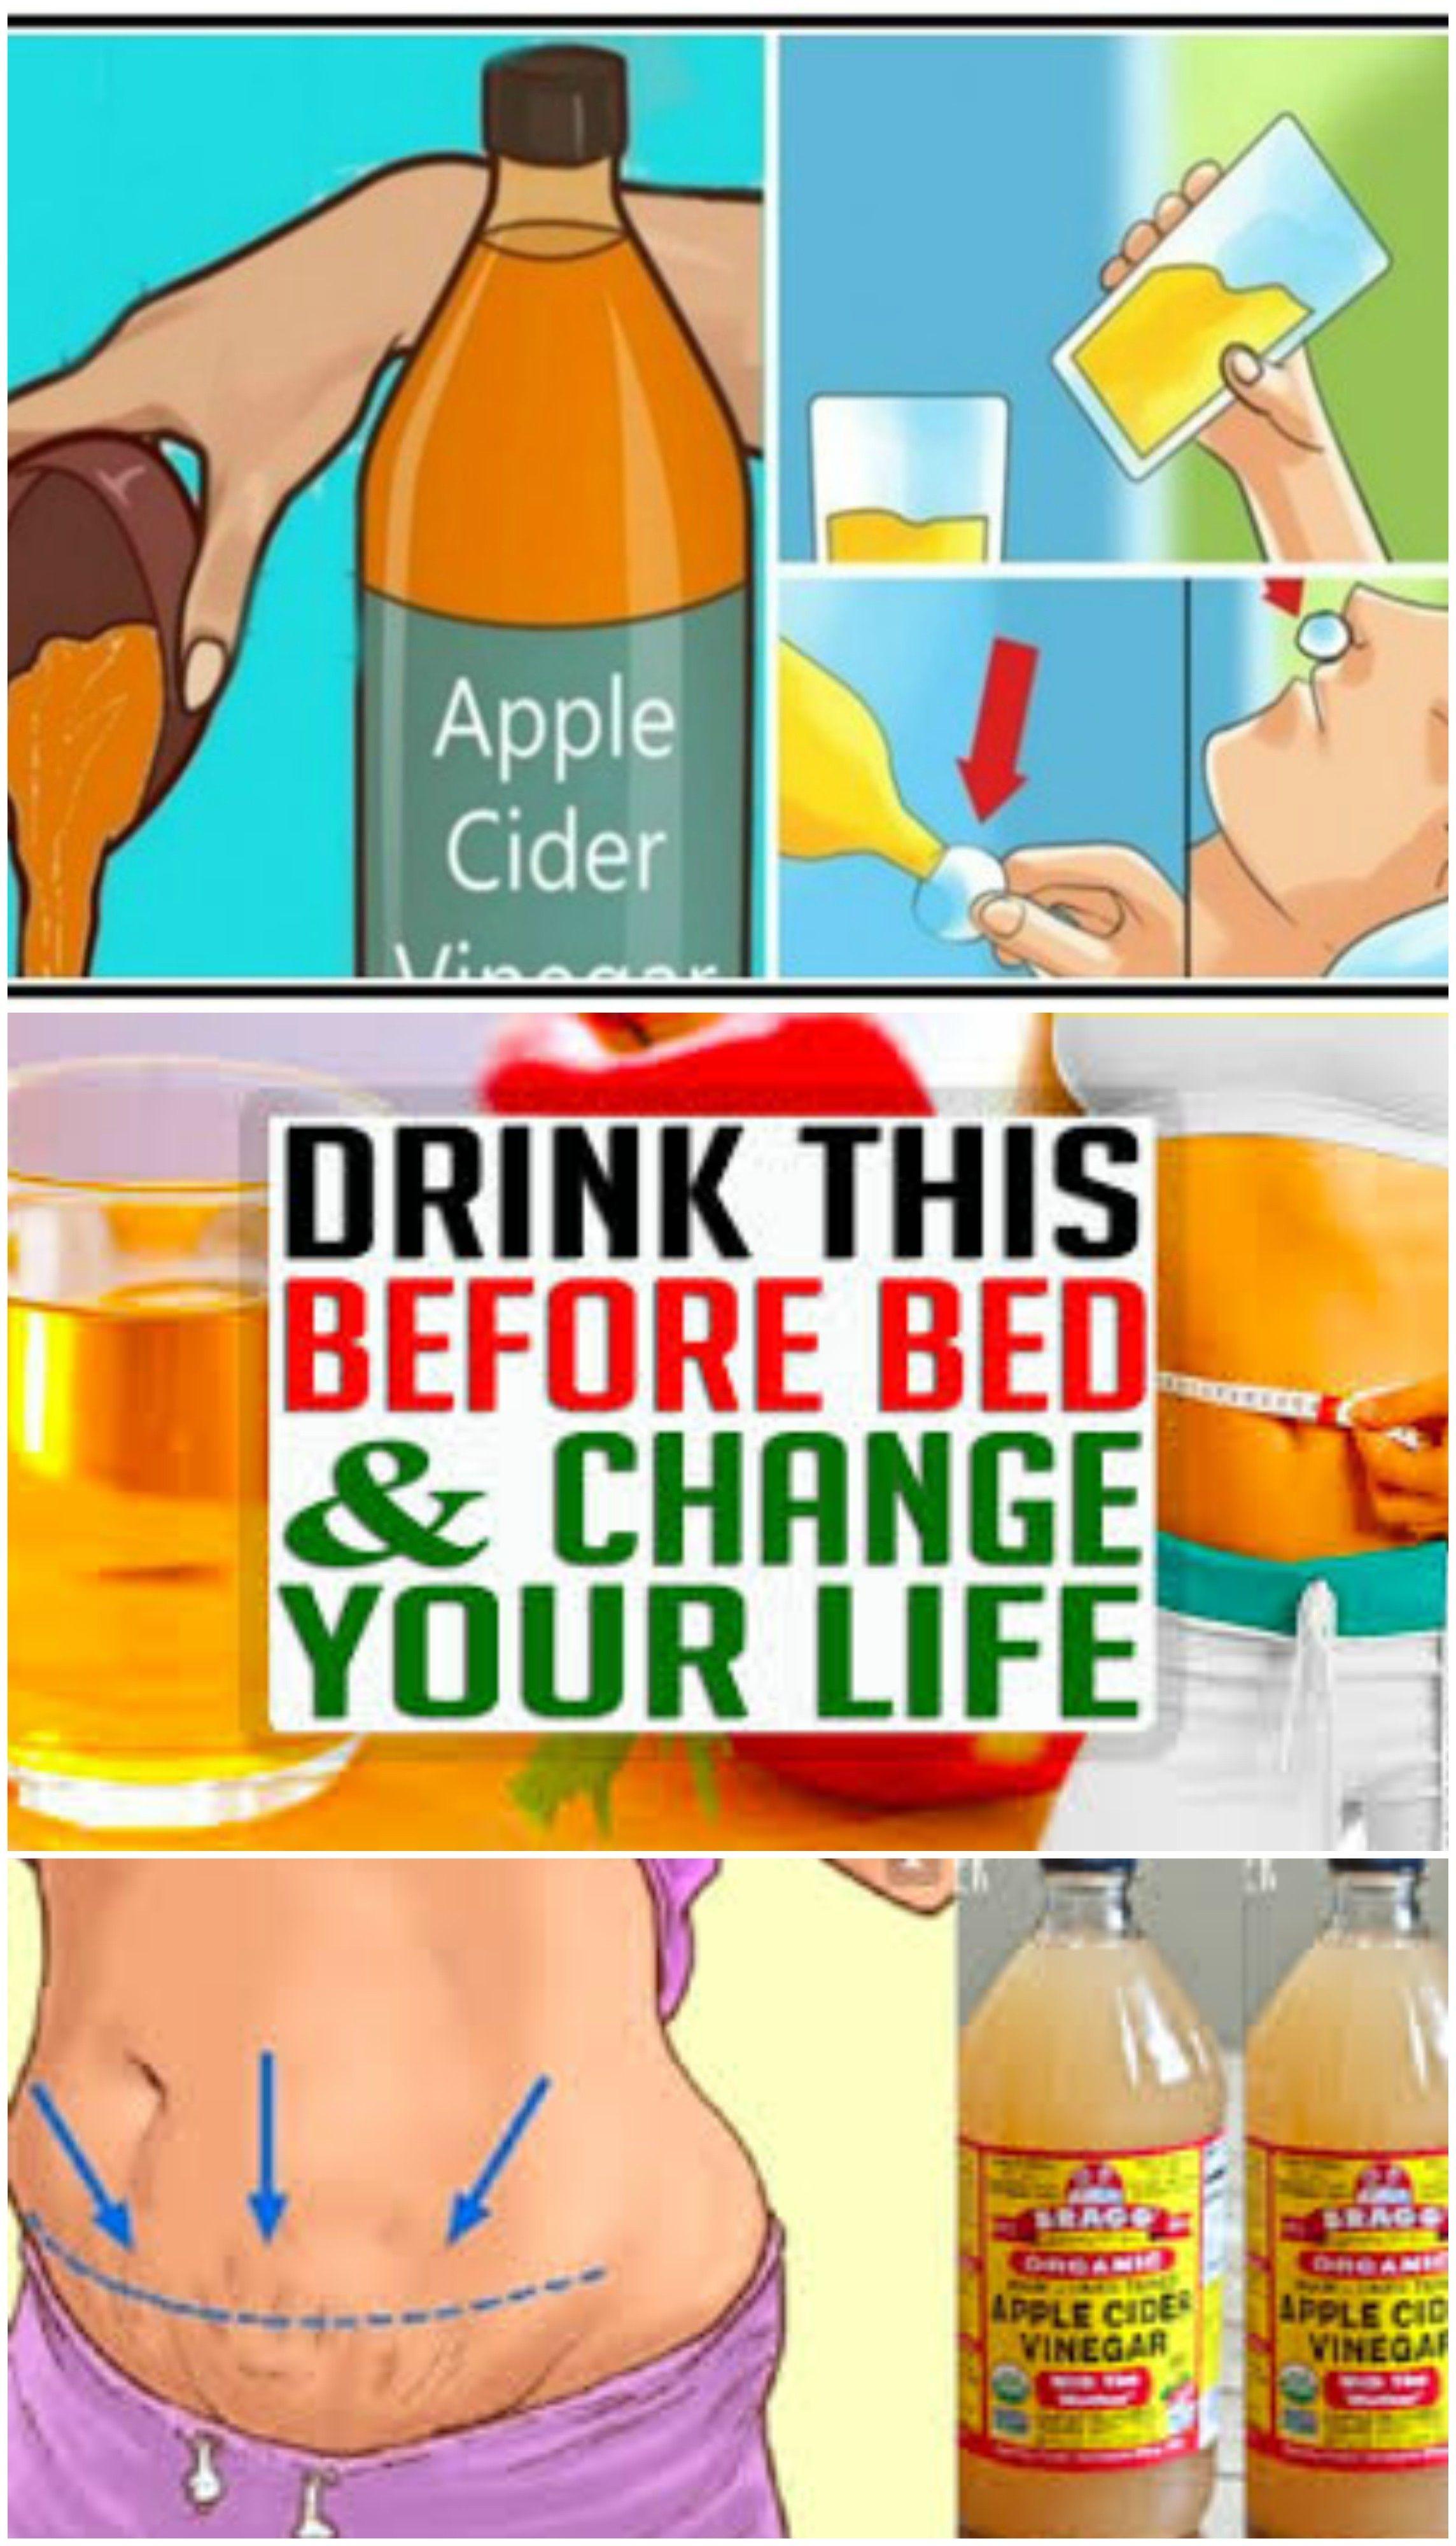 DRINKING APPLE CIDER VINEGAR BEFORE BEDTIME WILL CHANGE